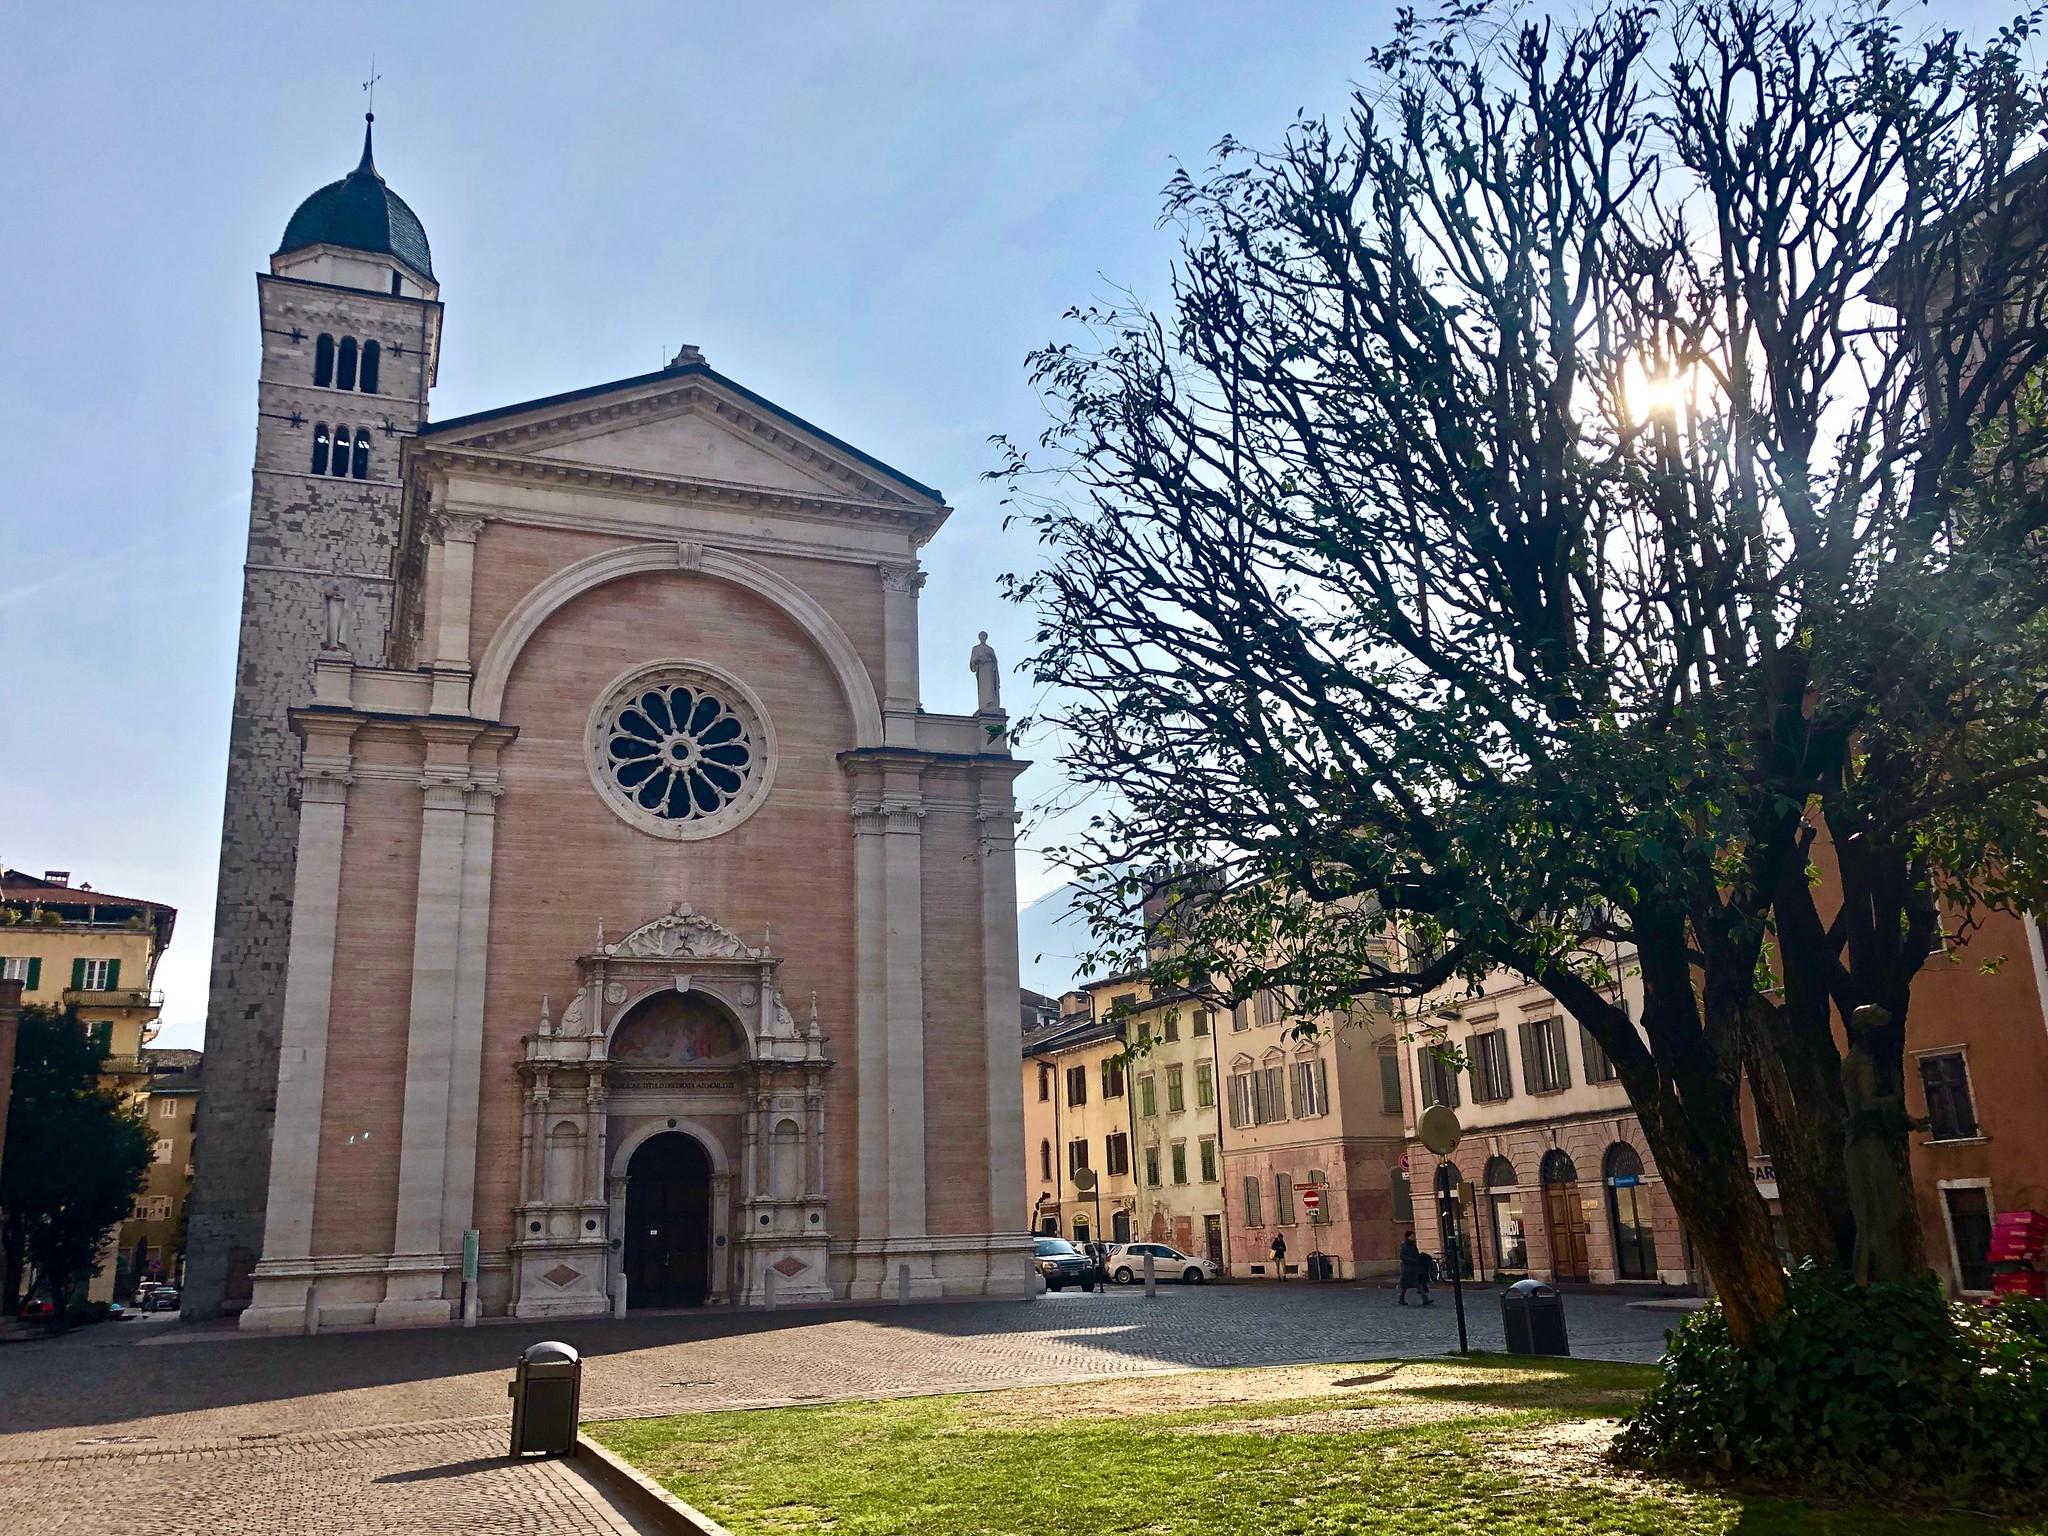 Itinerario di Trento - Santa Maria Maggiore esterno